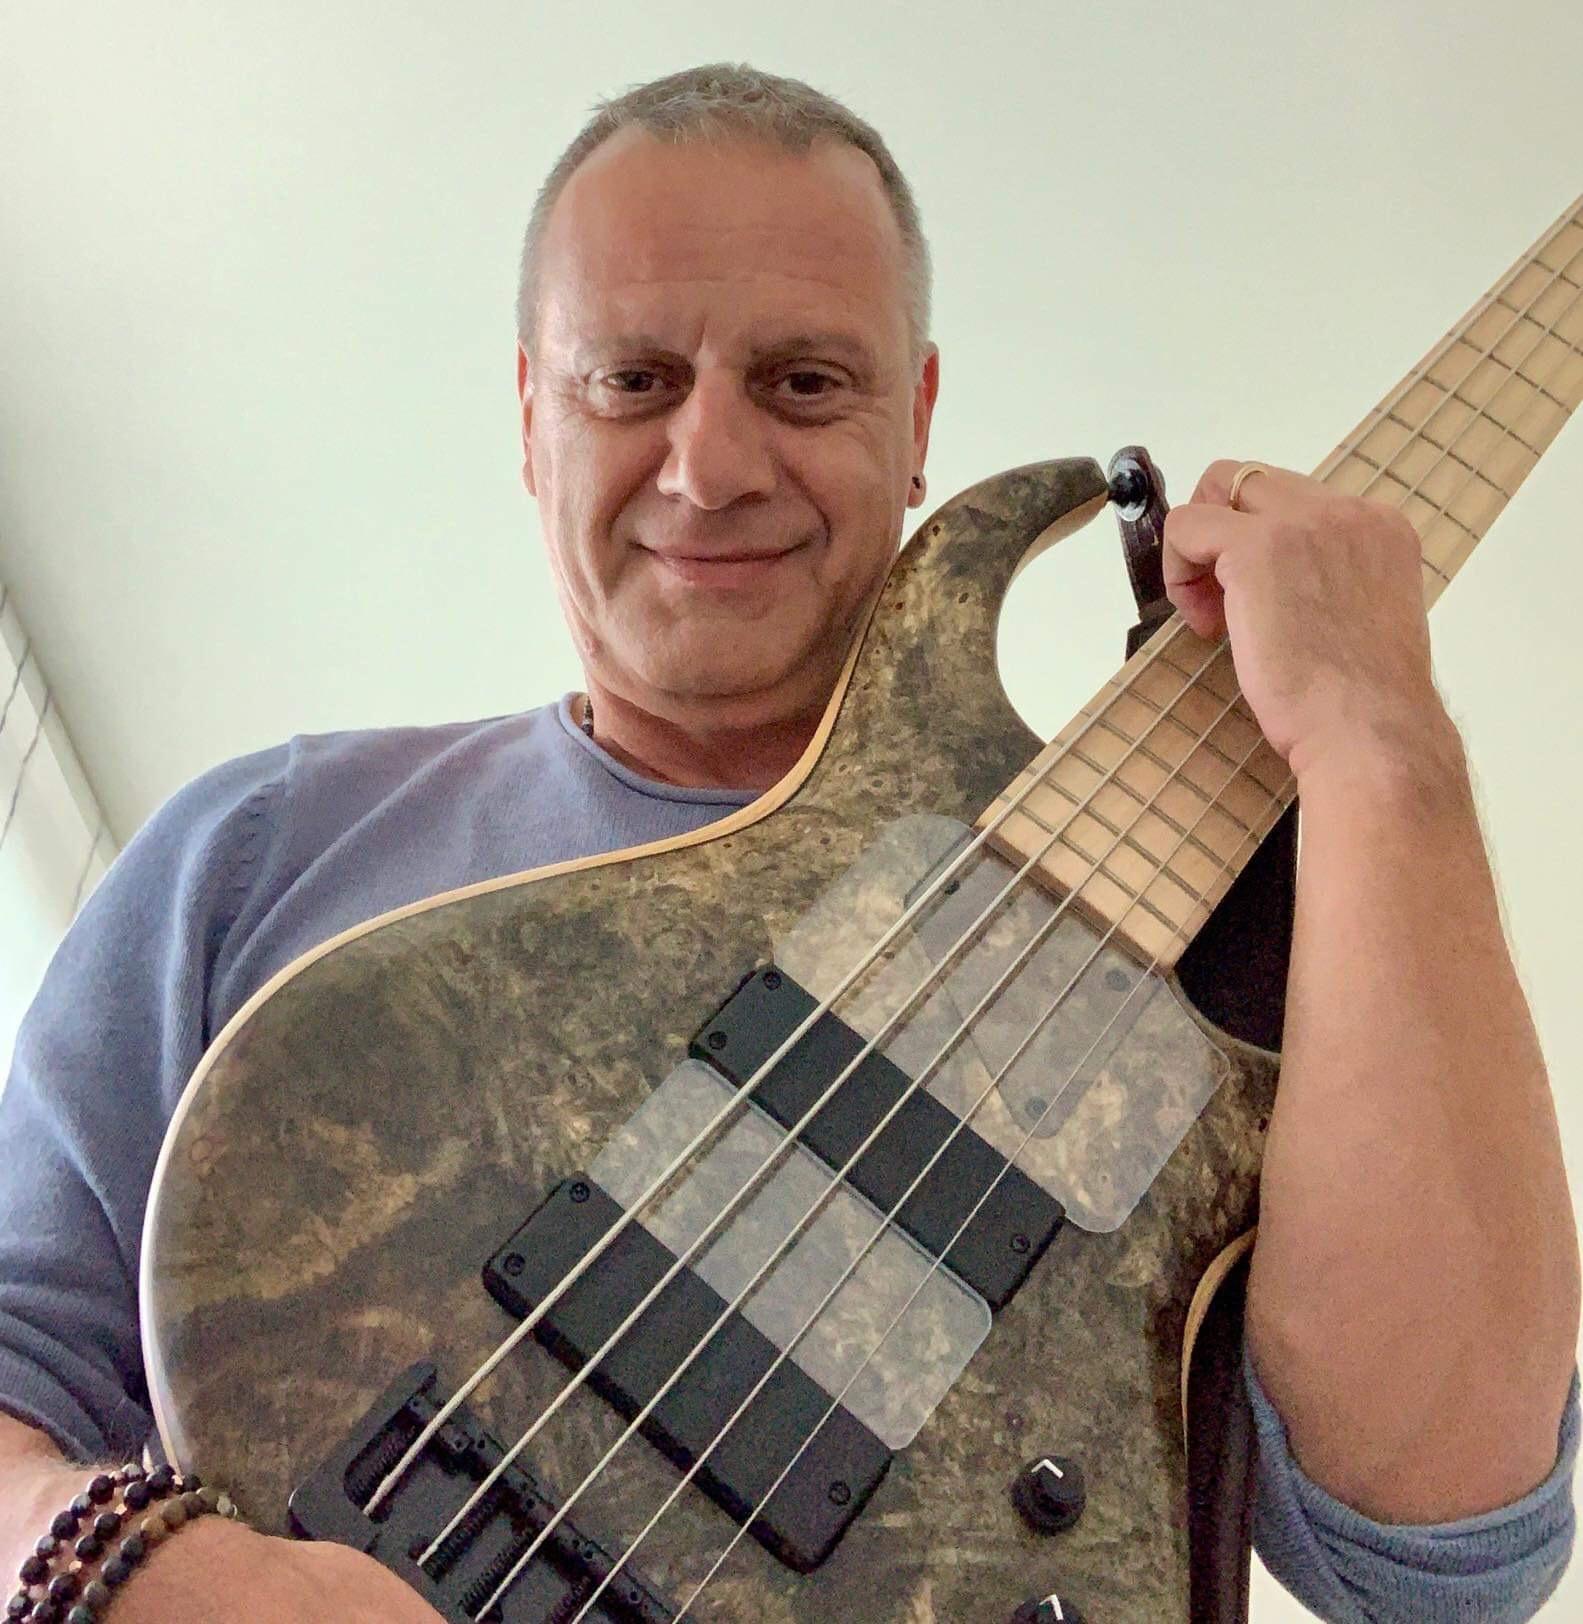 Giuseppe Corvaglia